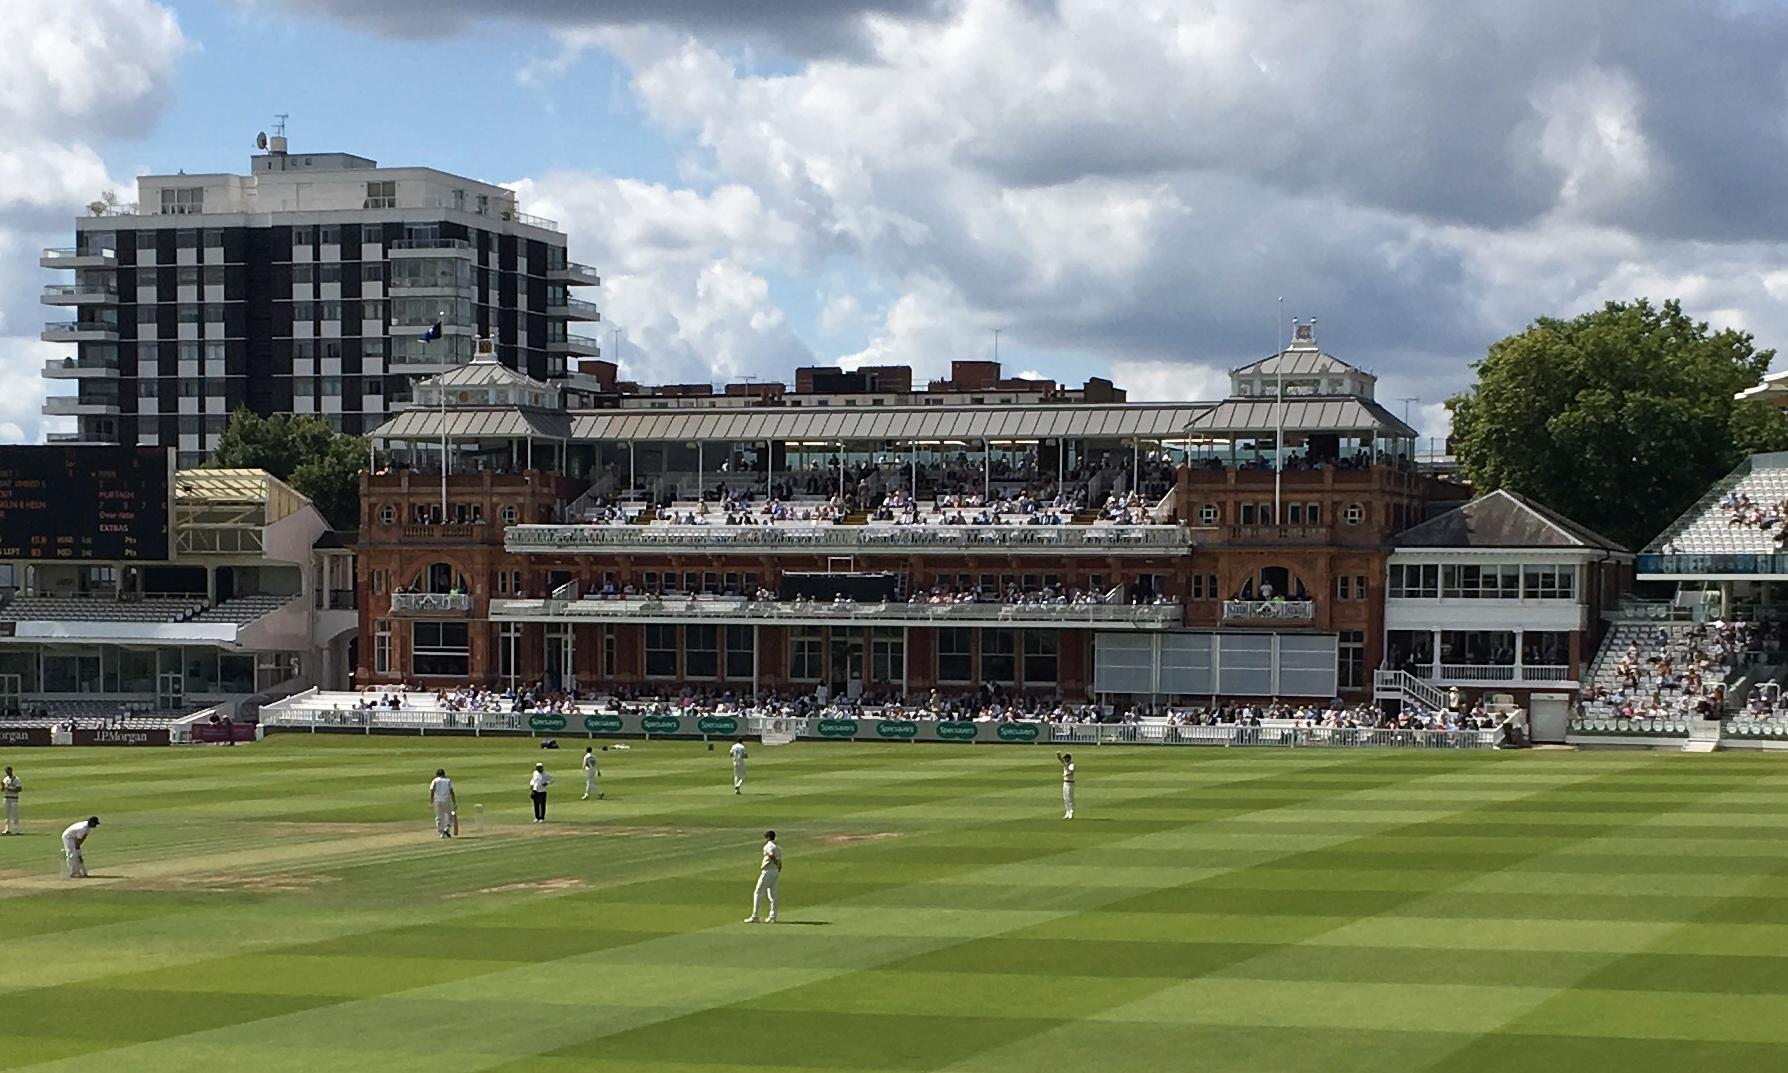 टेस्ट मैच की किसी एक पारी में 12 छक्के लगाने वाला दुनिया का एकमात्र बल्लेबाज 9